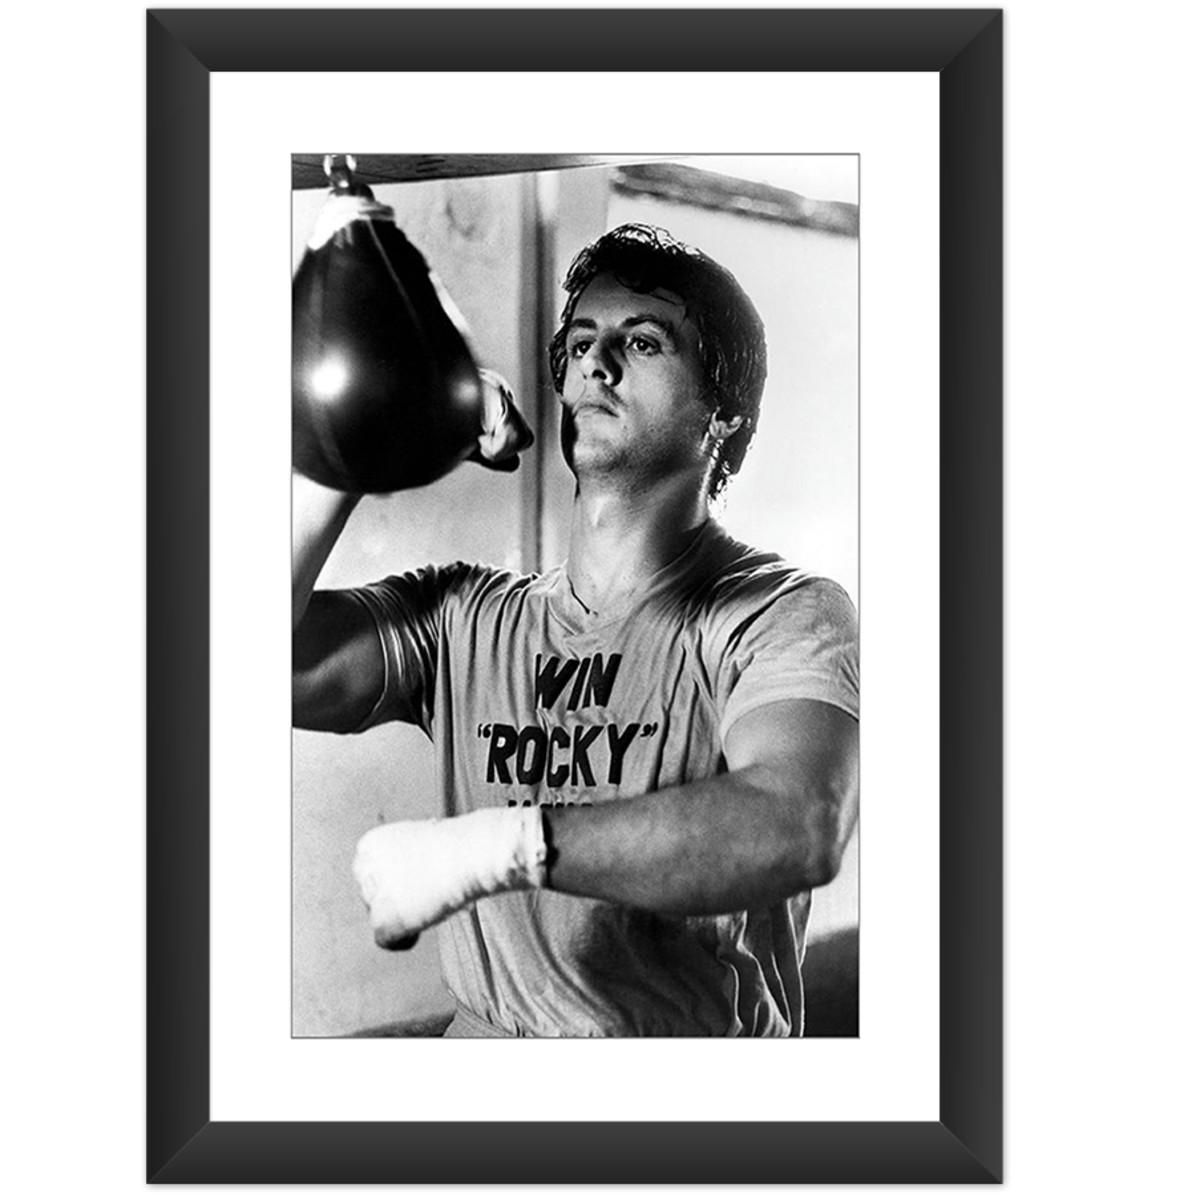 quadro rocky balboa filme stallone treinando retro decorar no elo7